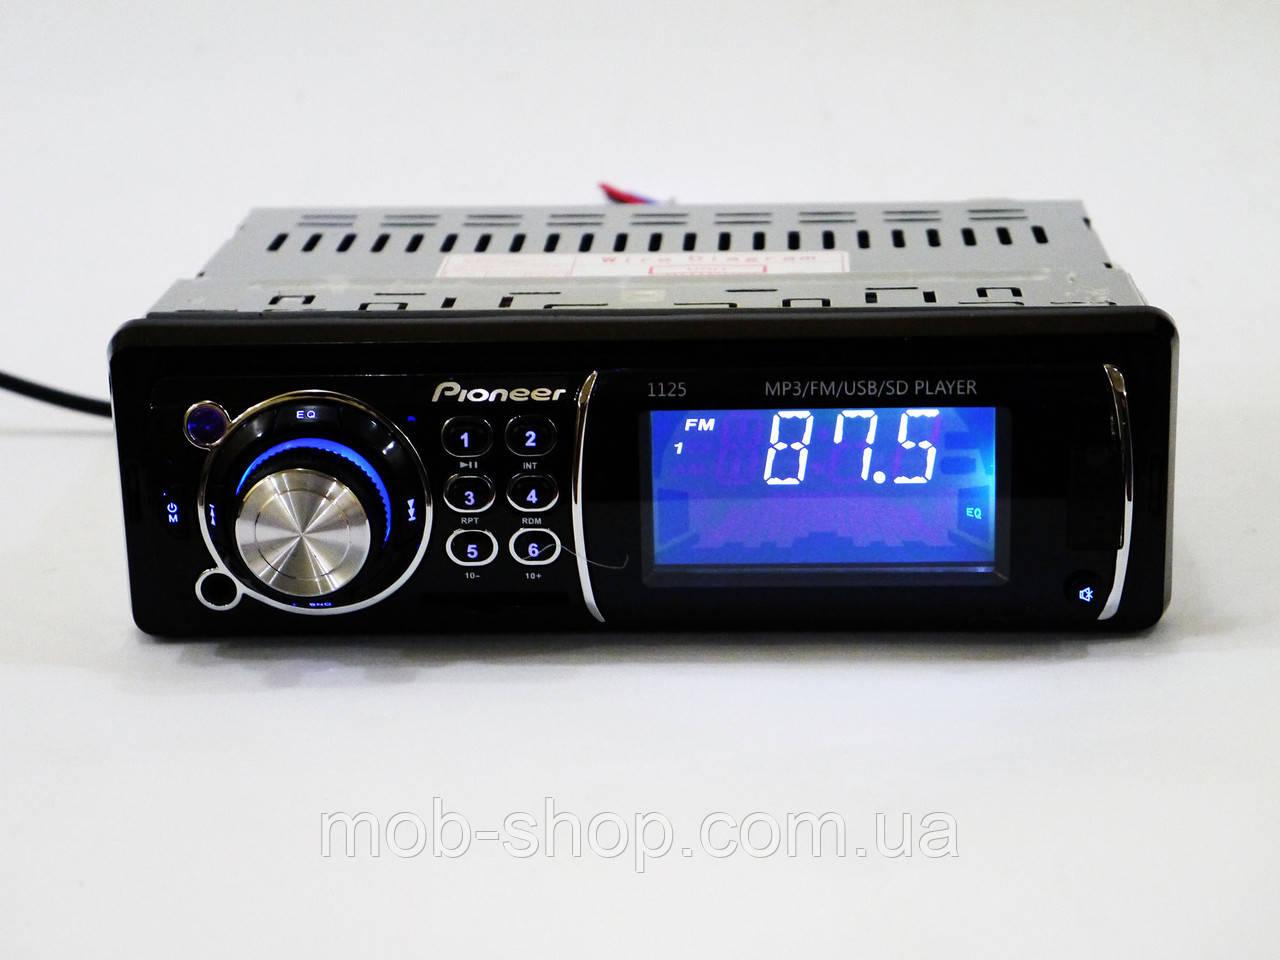 Автомагнитола пионер Pioneer 1125 MP3 USB AUX